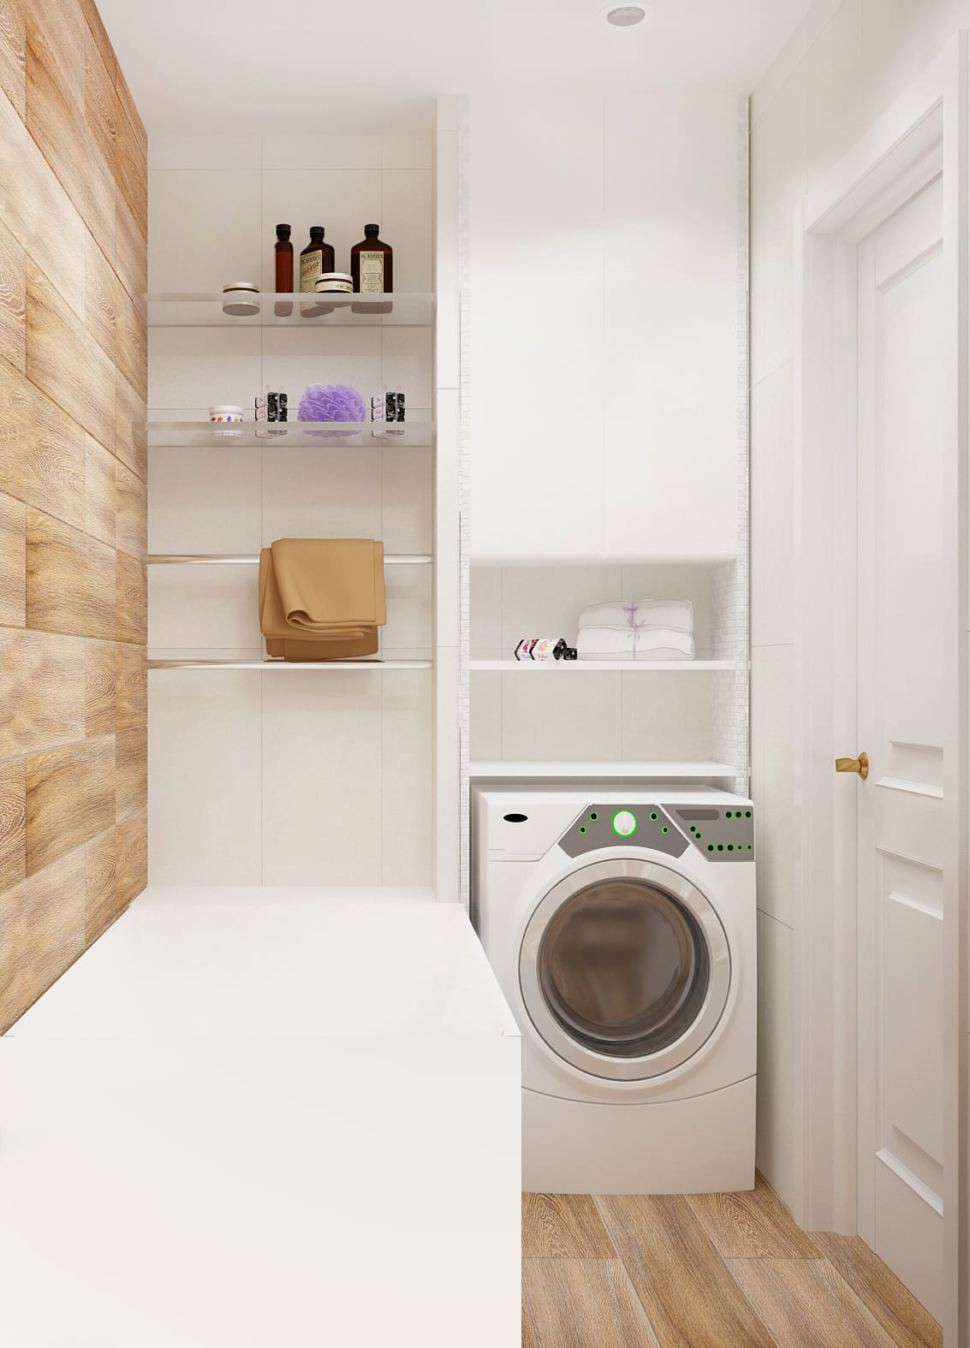 Интерьер ванной комнаты 3 кв.м в древесных и белых оттенках, ванная, белая стиральная машинка, шкаф, подвесные полки